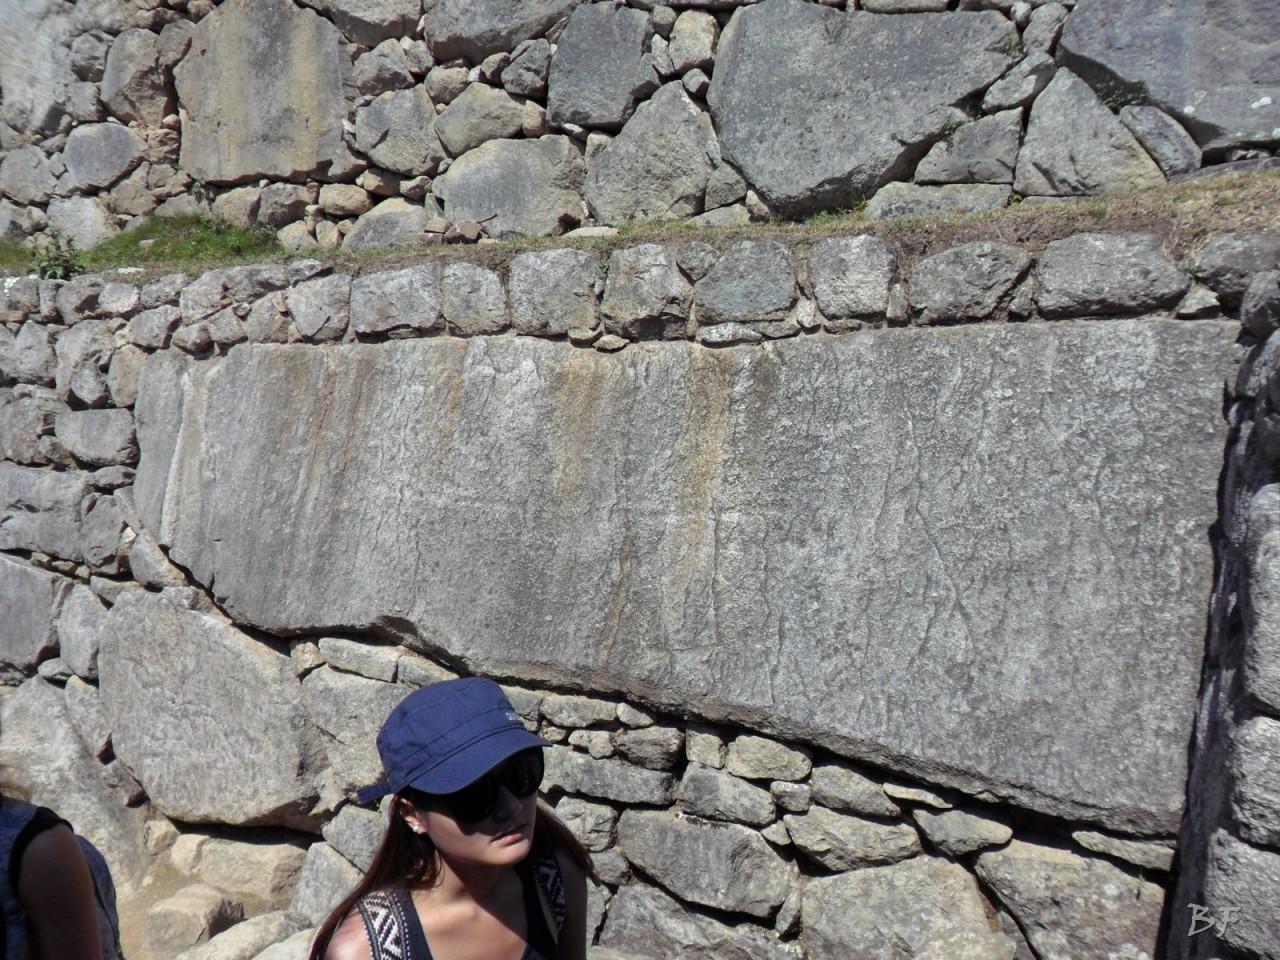 Mura-Poligonali-Incisioni-Altari-Edifici-Rupestri-Megaliti-Machu-Picchu-Aguas-Calientes-Urubamba-Cusco-Perù-31